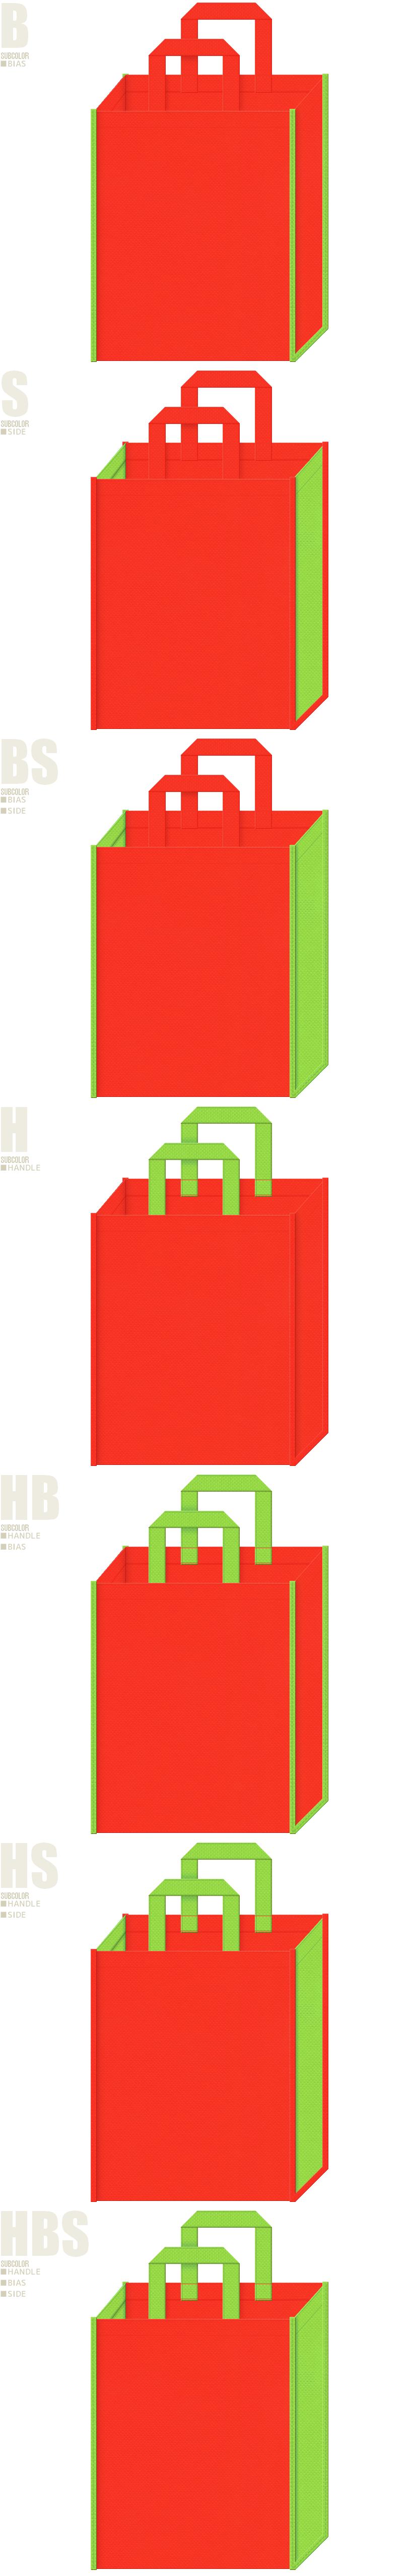 キャロットイメージの不織布バッグにお奨めの、オレンジ色と黄緑色-不織布バッグの二色配色デザイン例